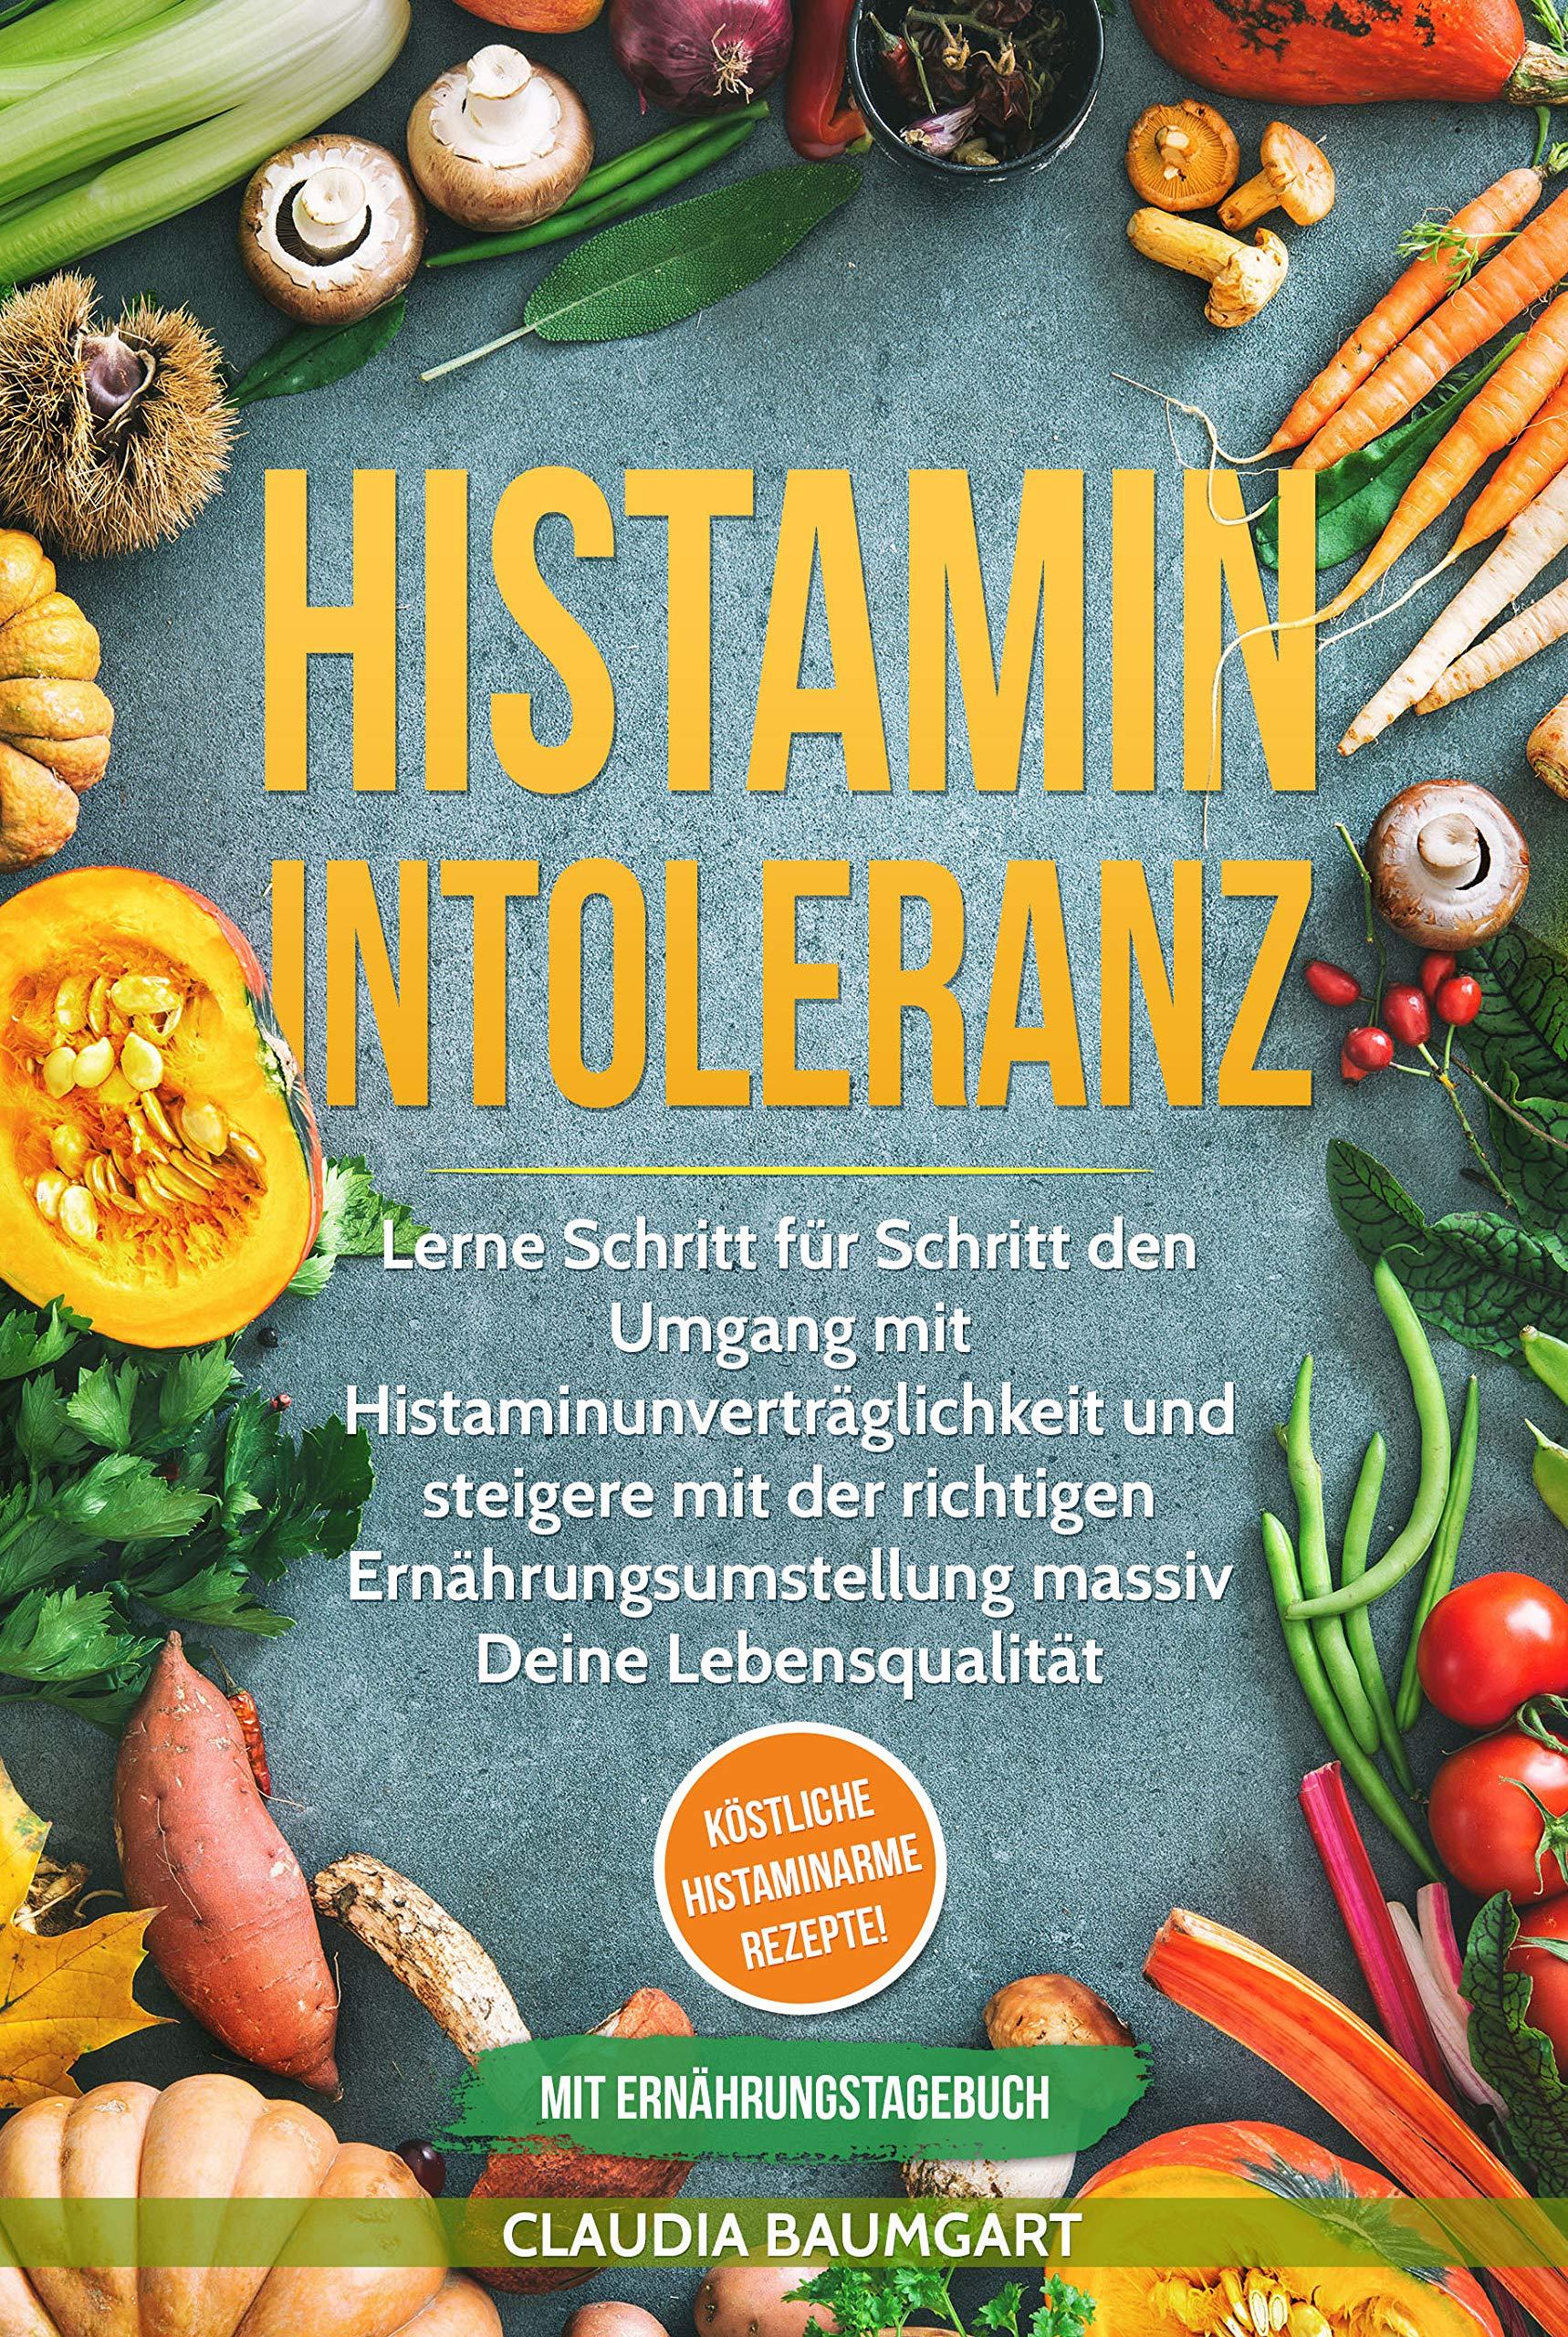 Histaminintoleranz  Lerne Schritt Für Schritt Den Umgang Mit Histaminunverträglichkeit Und Steigere Mit Der Richtigen Ernährungsumstellung Massiv Deine ...   Köstliche Histaminarme Rezepte